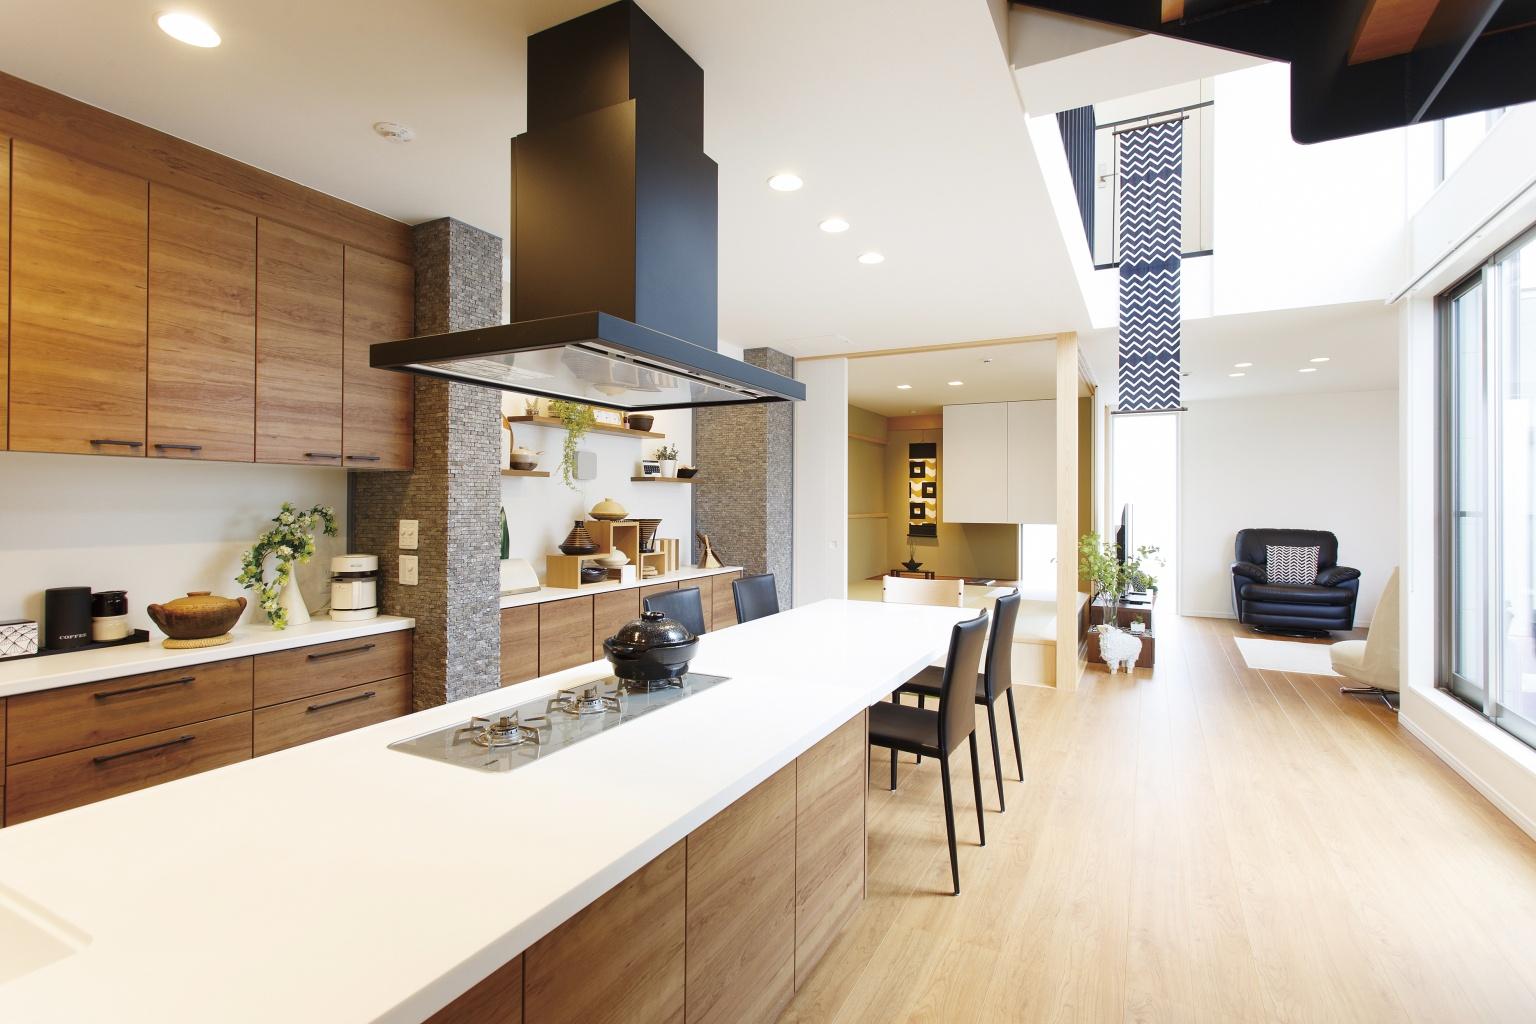 【二世帯住宅のコツ2】複数人で使える、動線に余裕のある大きめキッチンを